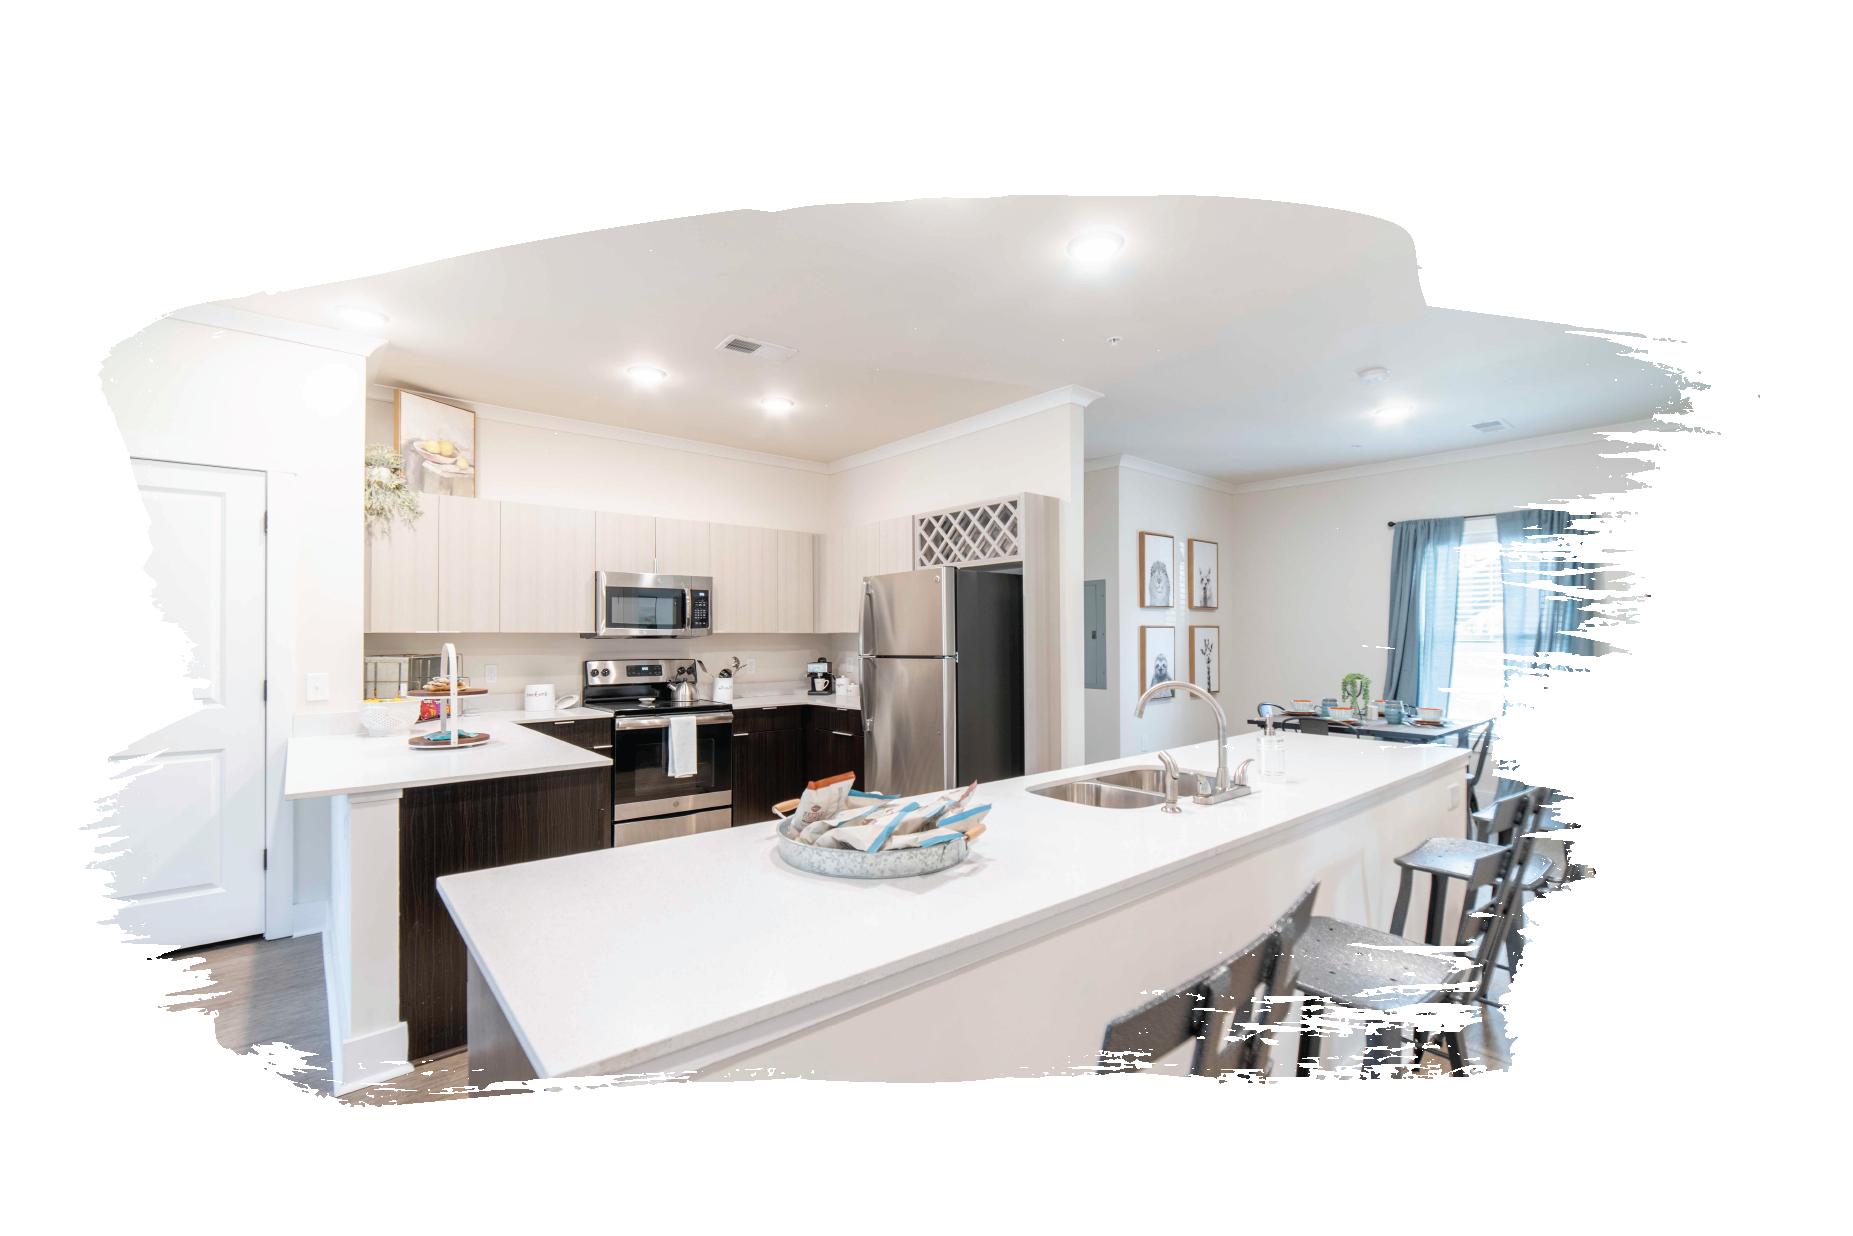 kitchen cabinets & quartz countertops